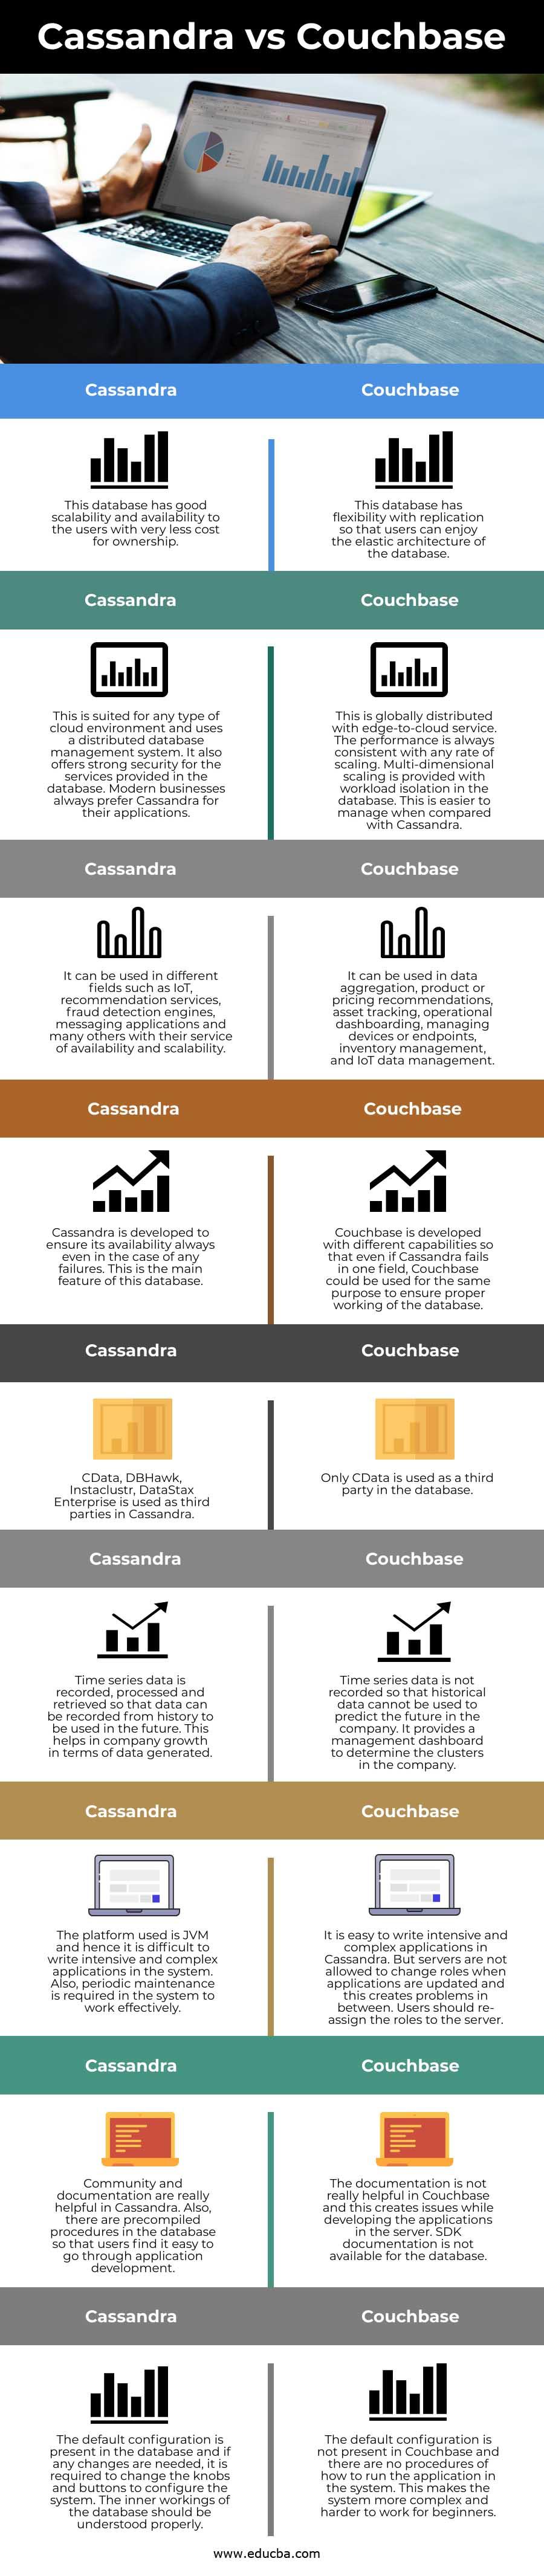 CassandravsCouchbase info